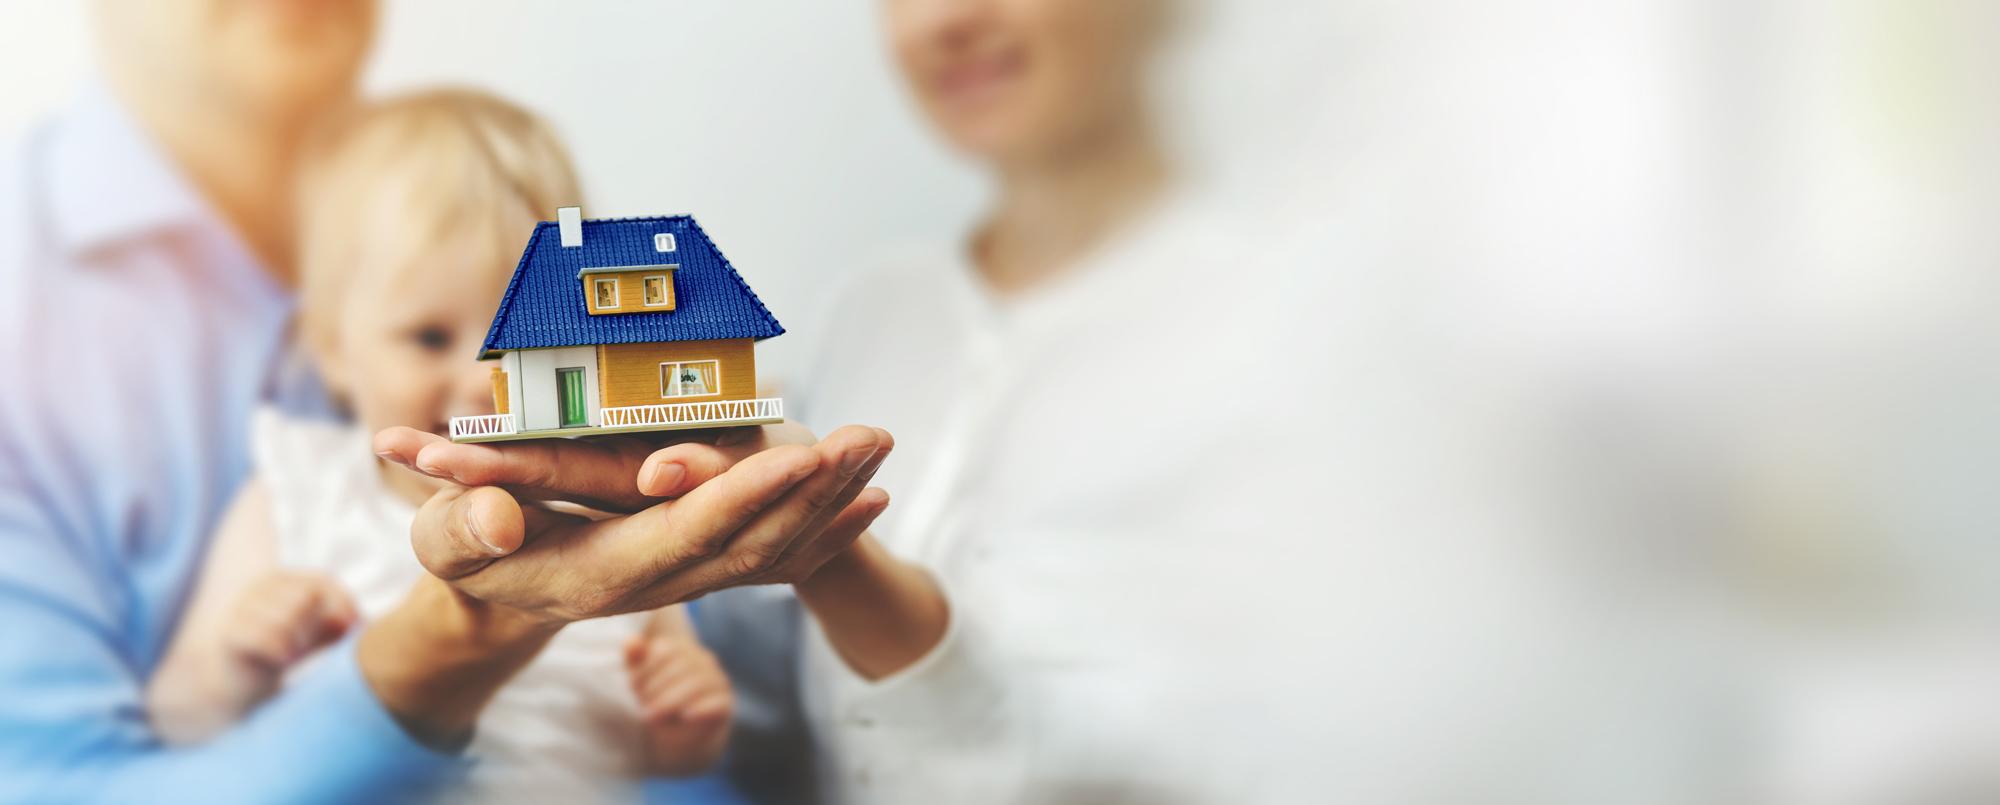 Familie hält Miniaturhaus auf Händen